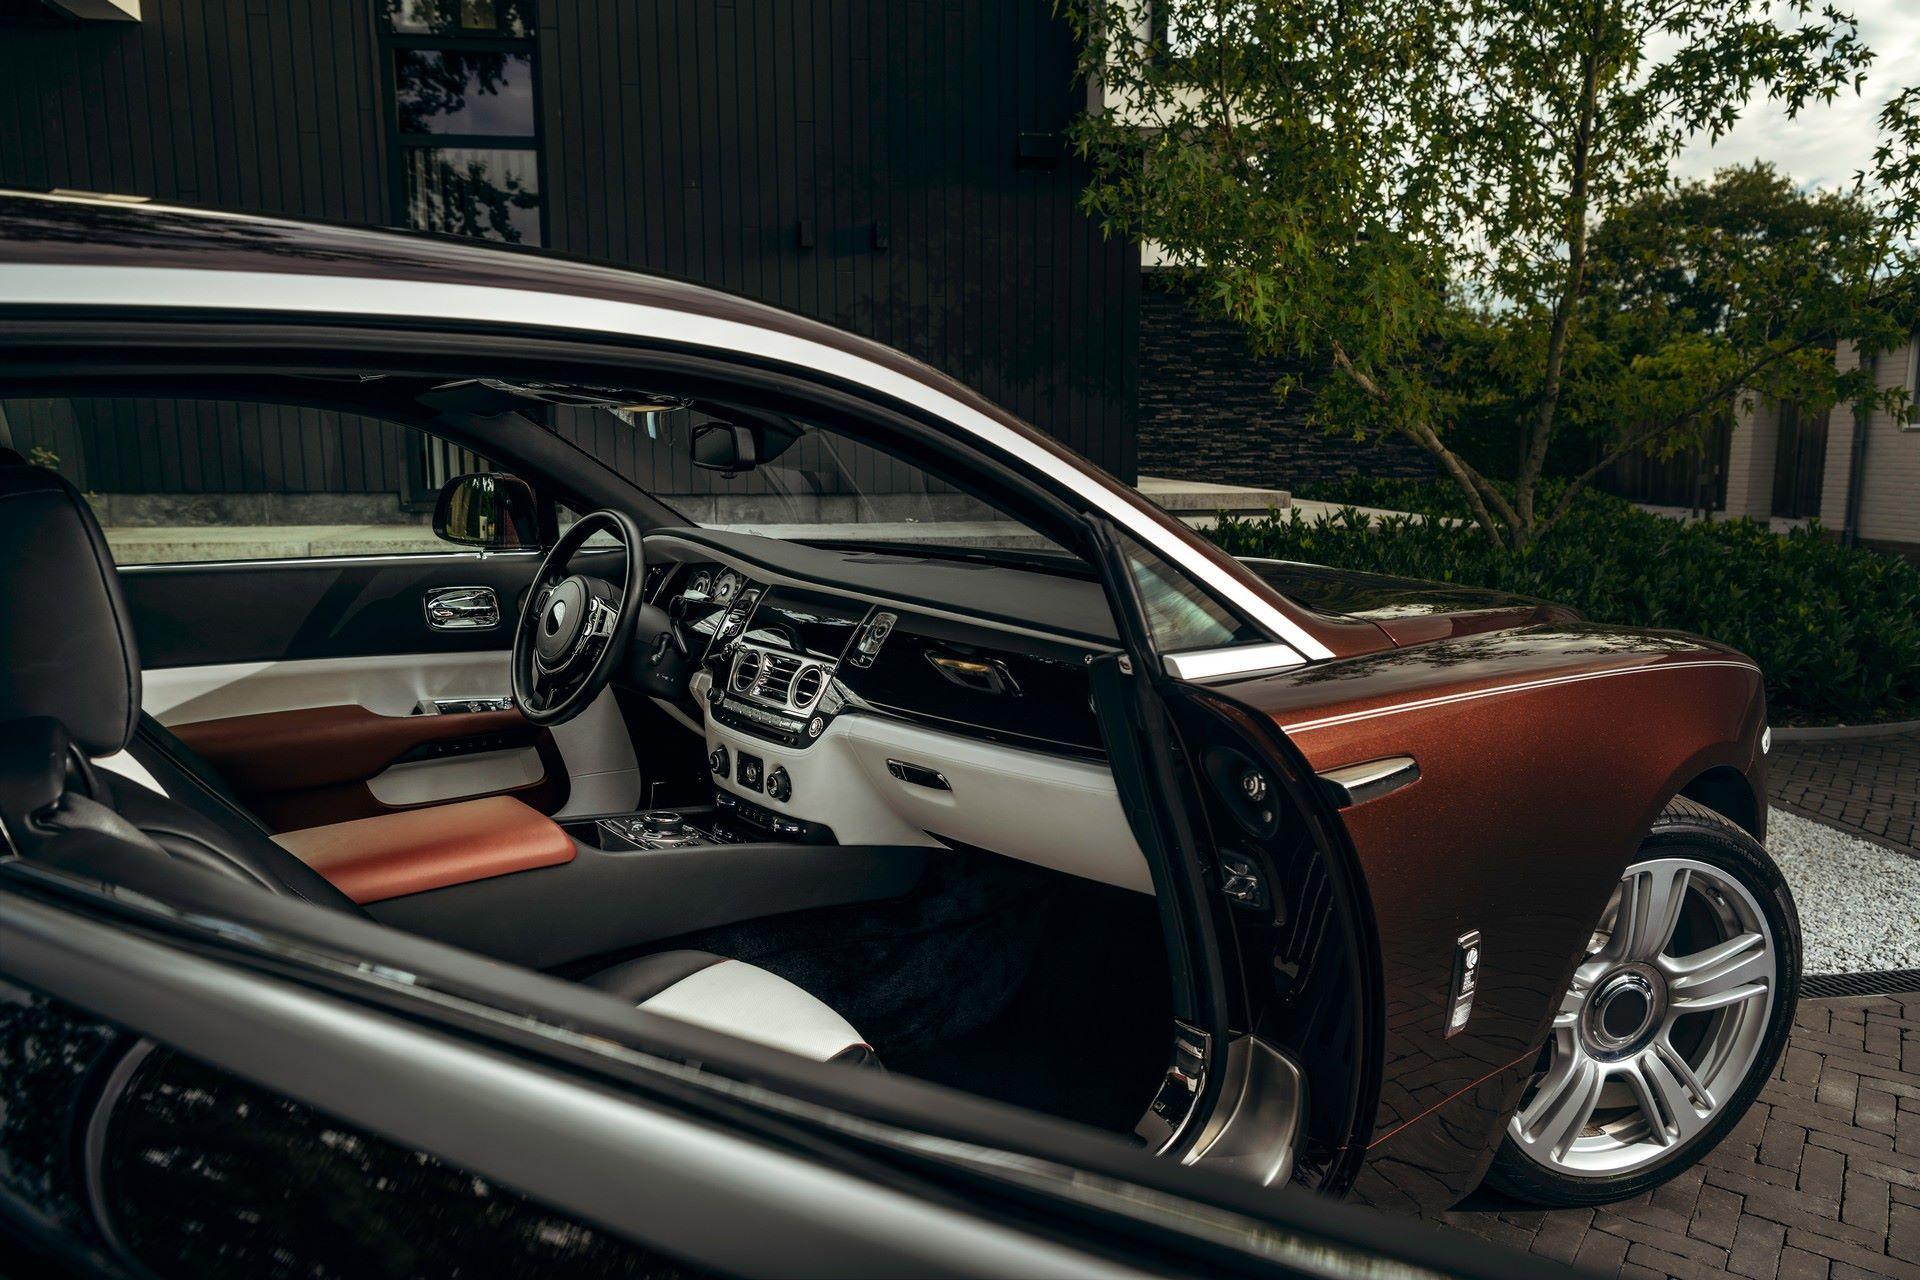 Rolls-Royce-Silver-Spectre-Shooting-Brake-1